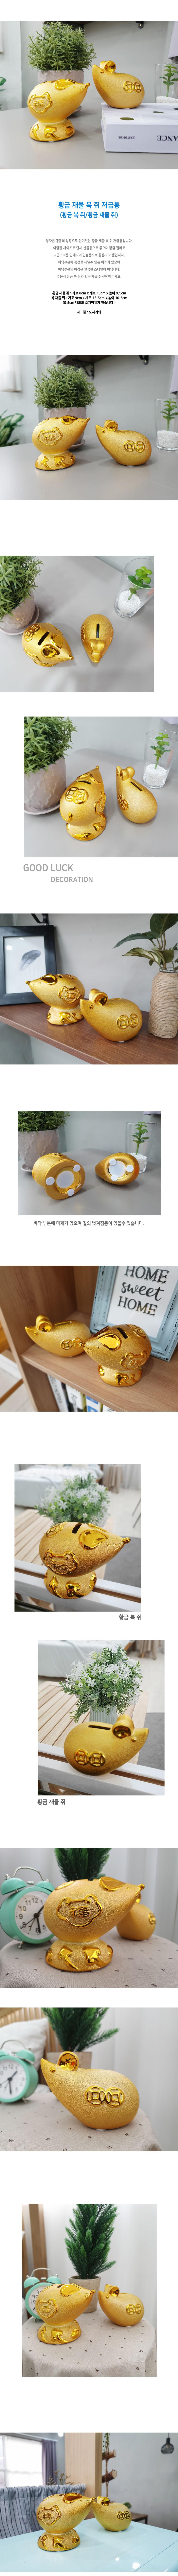 GOLD MOUSE BOK MN.jpg